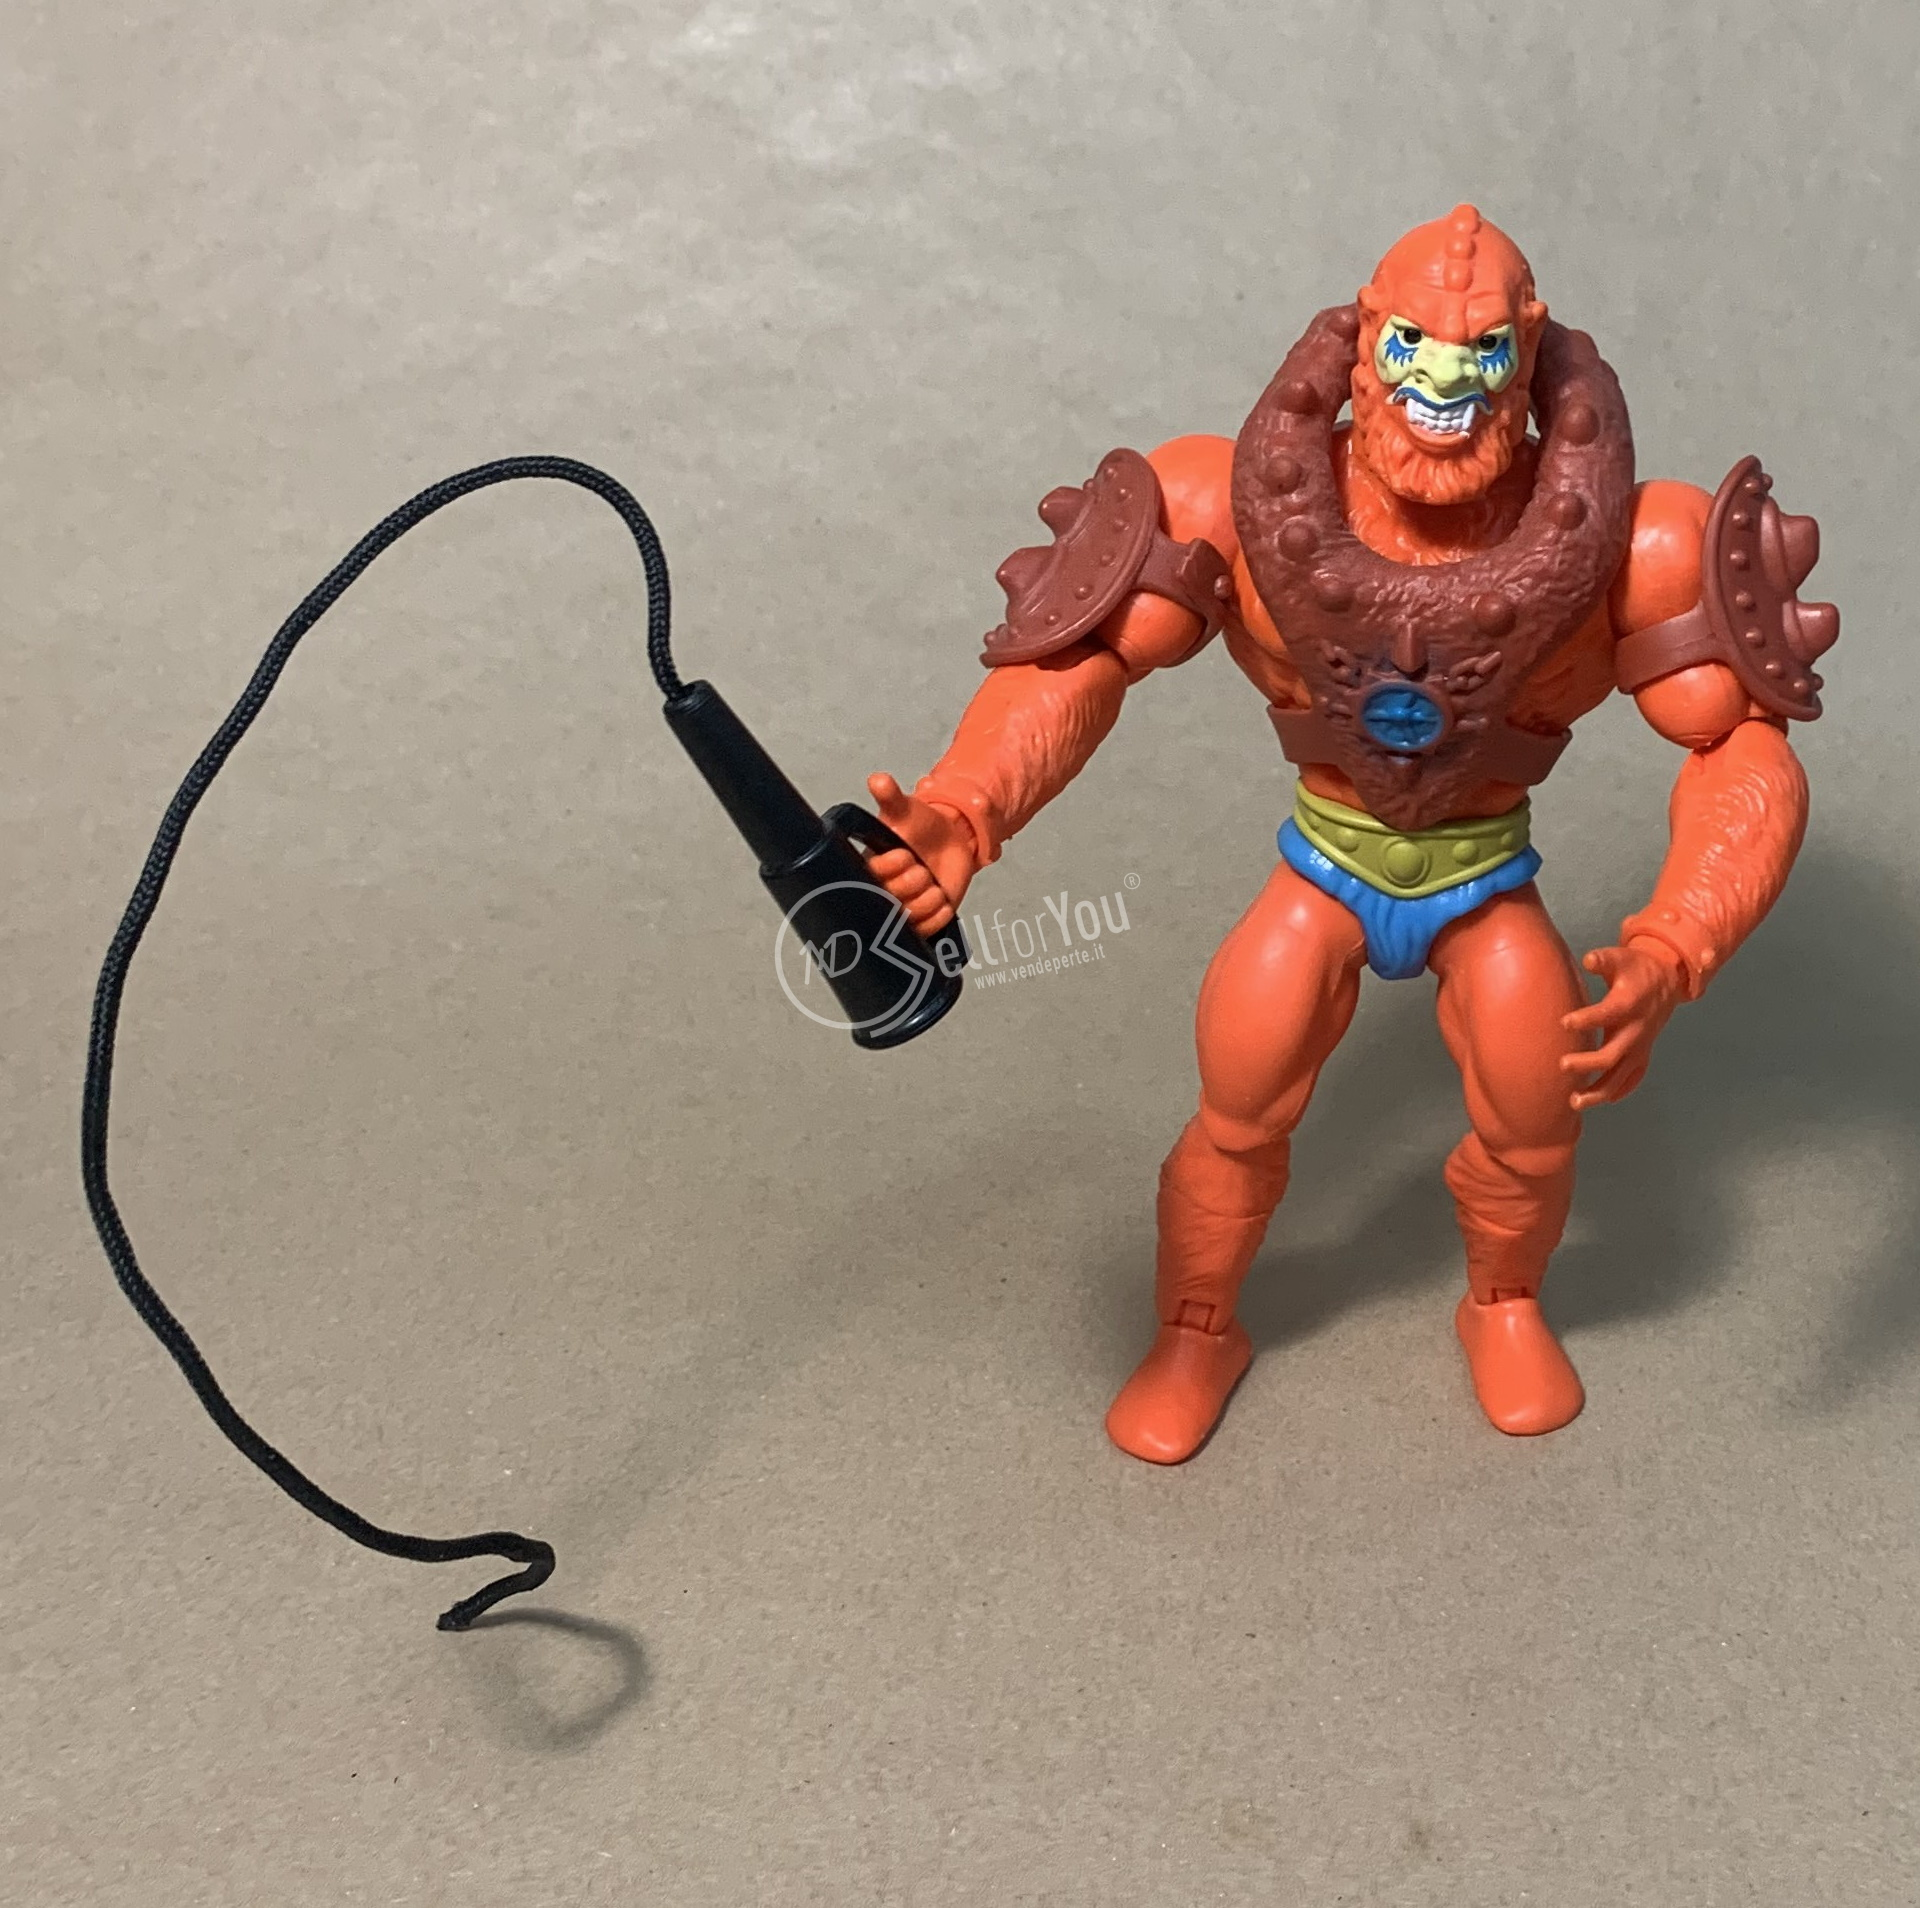 sellforyou immagine default articolo correlato non trovatoMasters of the Universe Origins Beast Man Mattel 2020